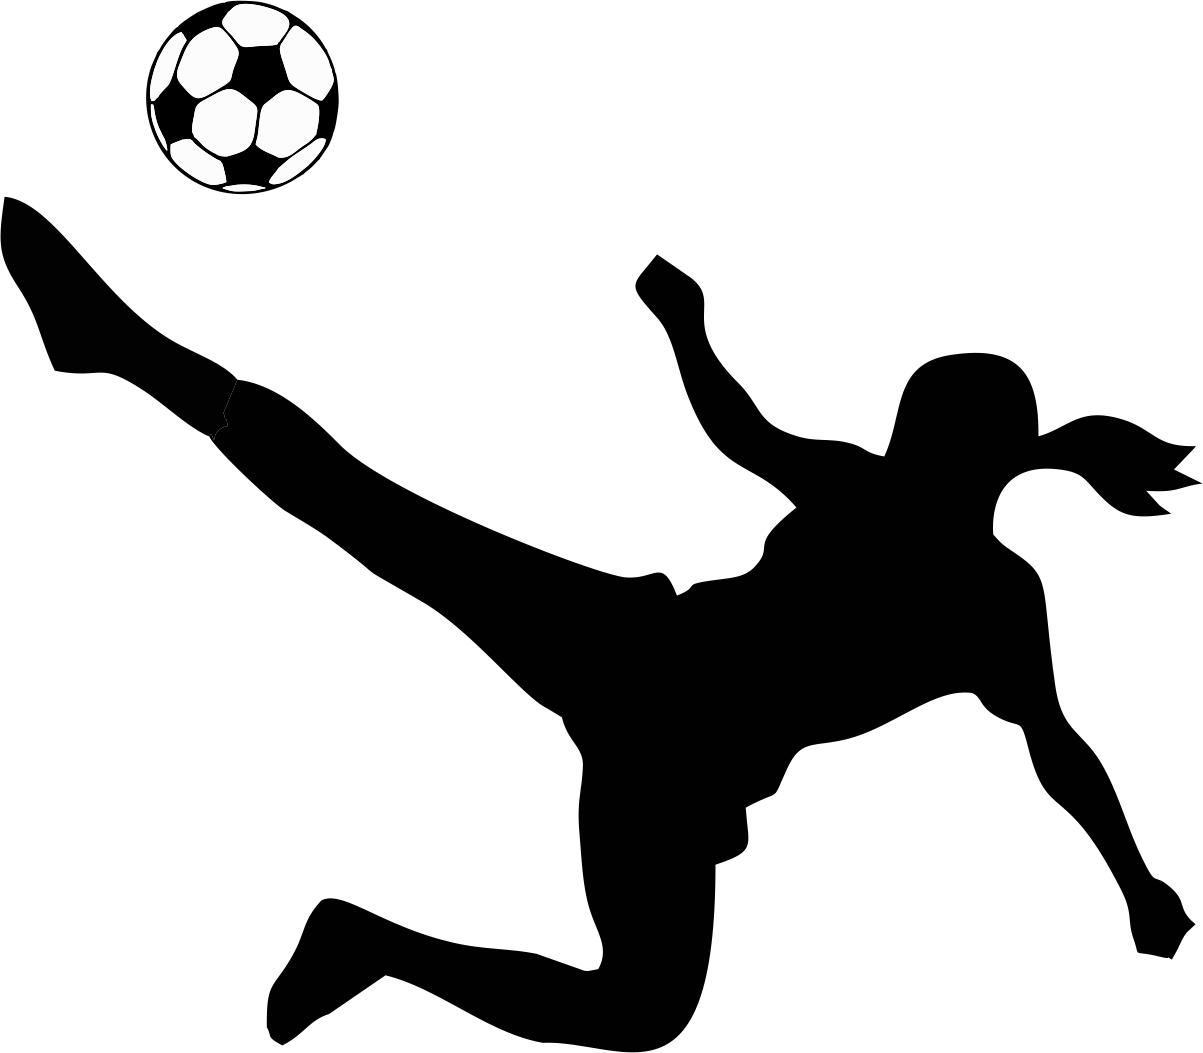 Transparent soccer players clipart - Footballer Clipart School Football - Girl Kicking Soccer Ball Clip Art